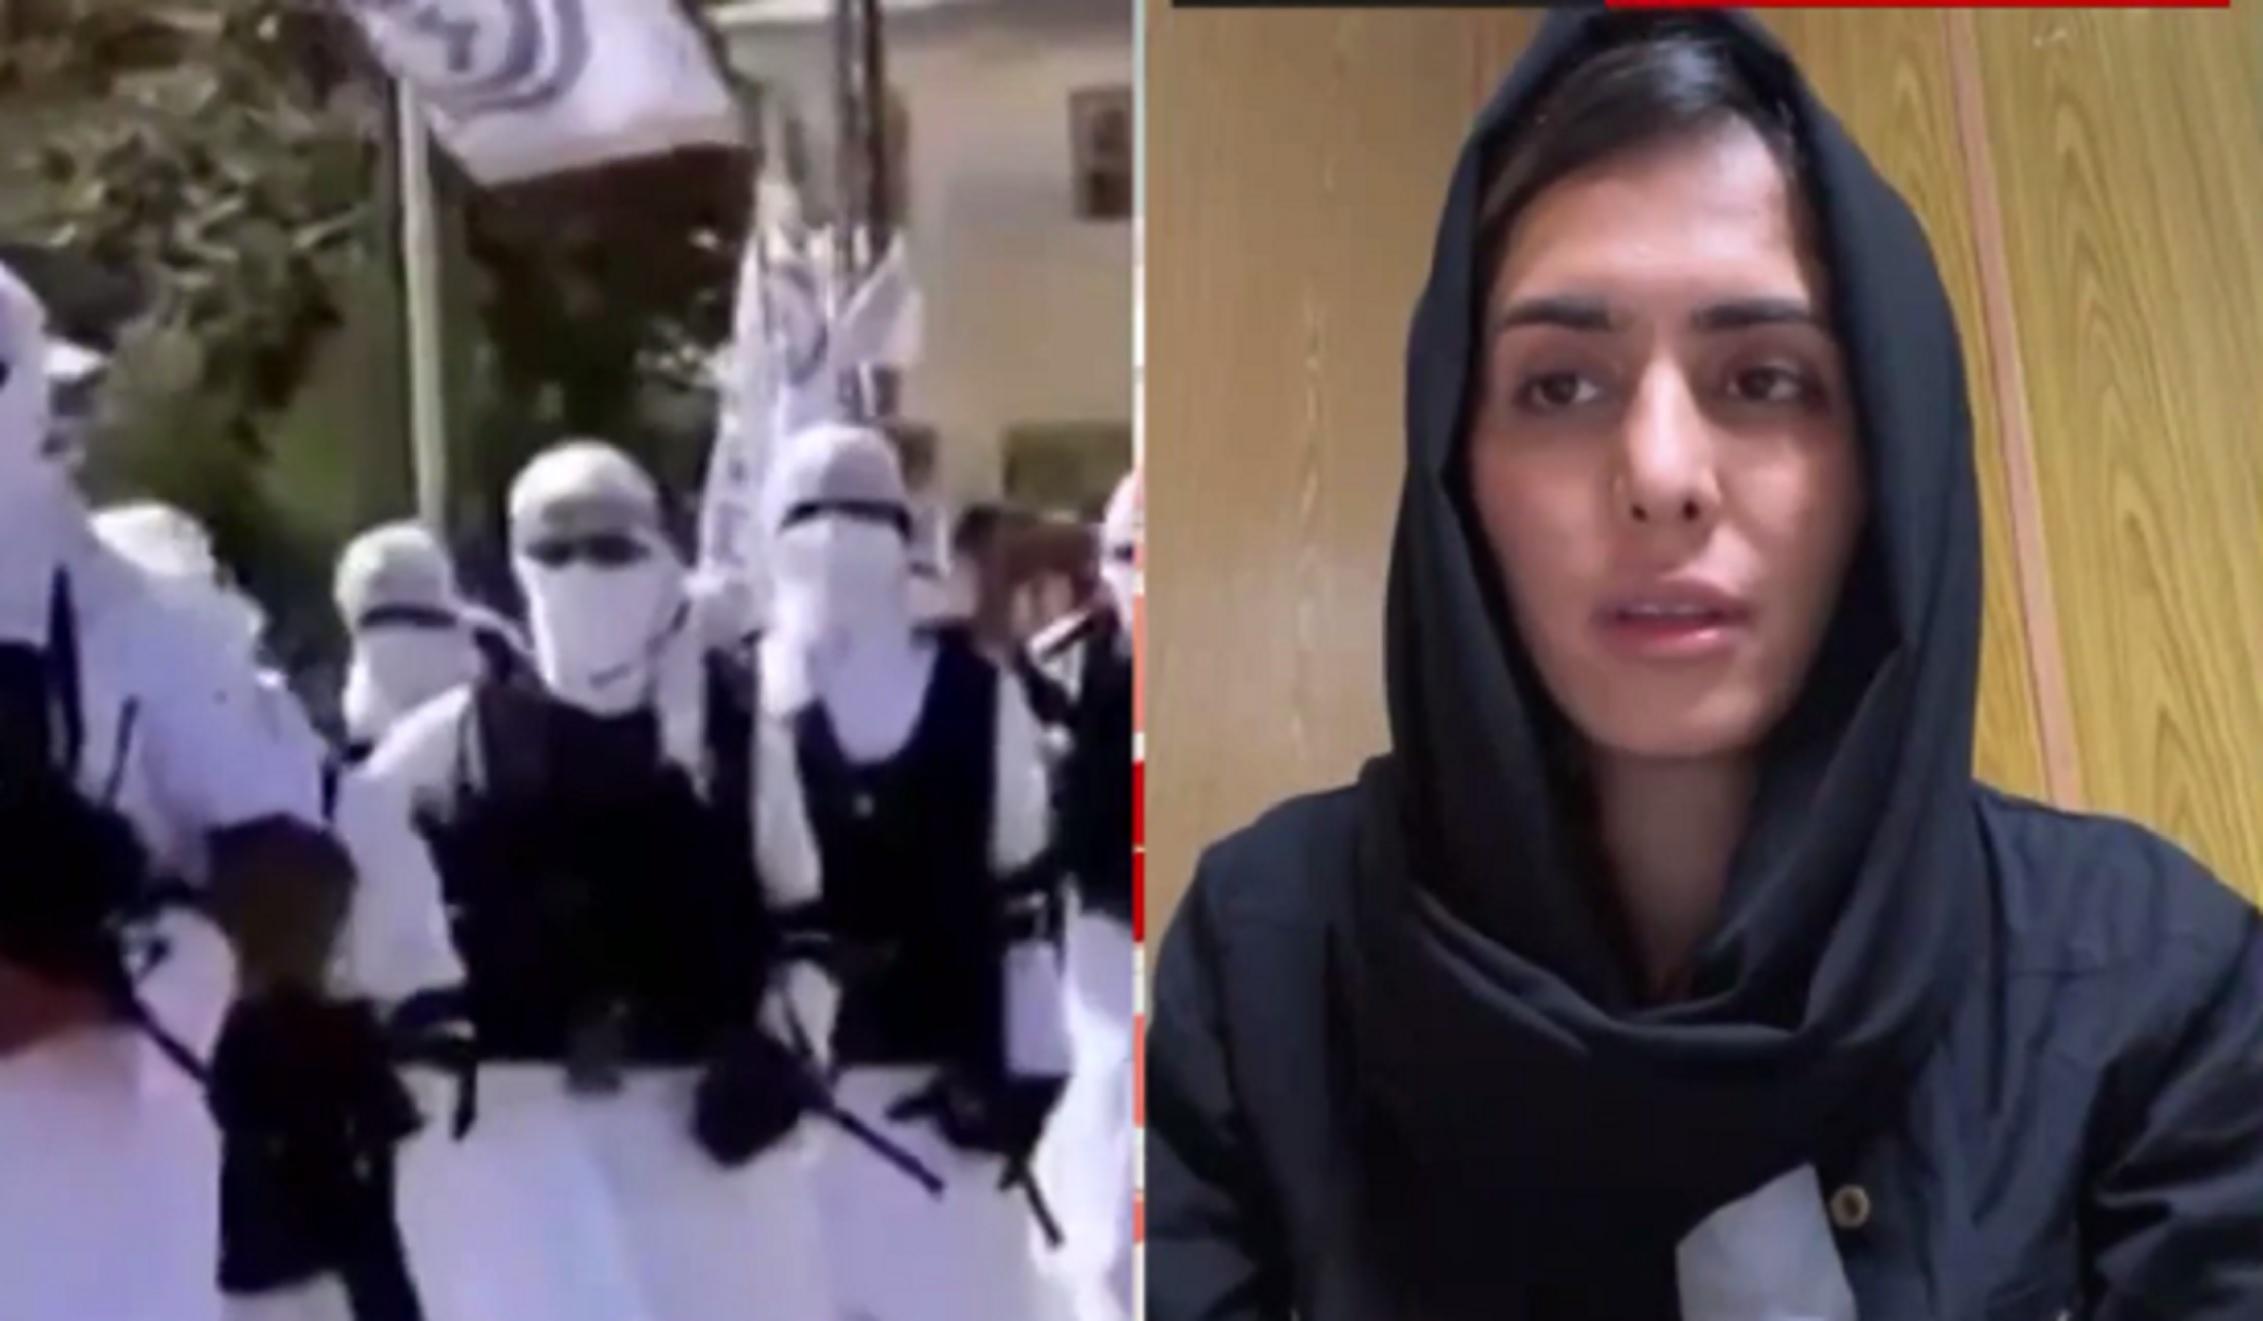 Αφγανιστάν: «Λάβαμε μήνυμα 2 ώρες πριν την επίθεση στη Καμπούλ» – Τι λέει στο Mega η γυναίκα σύμβολο κατά των Ταλιμπάν